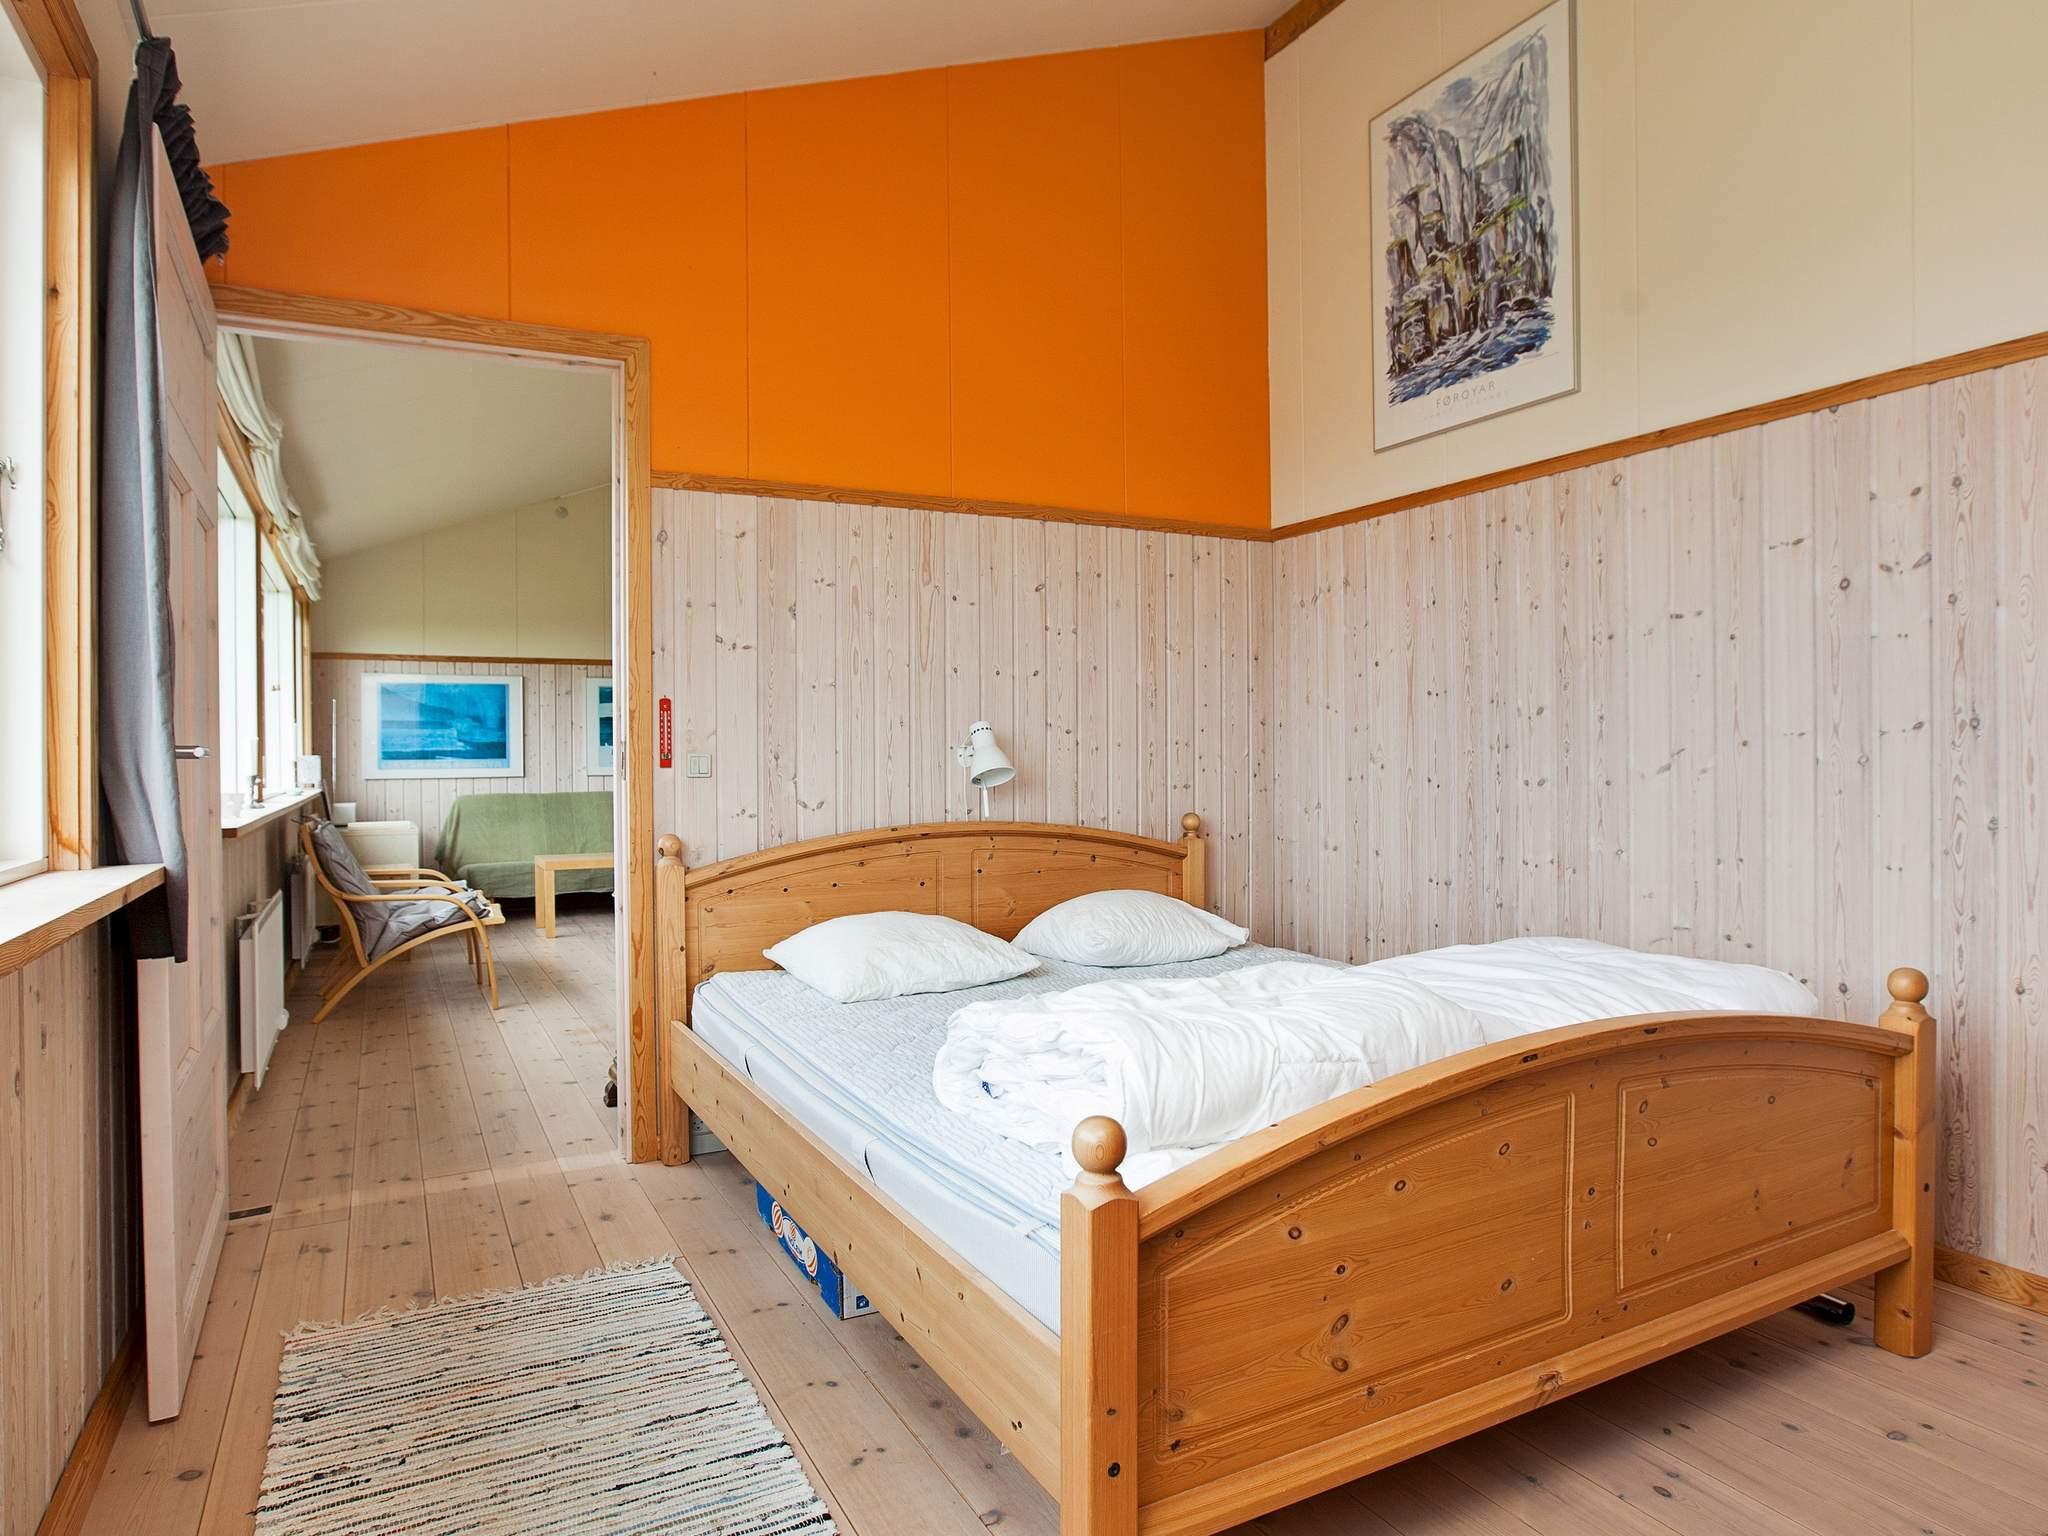 Ferienhaus Veddinge Bakker (2354175), Veddinge, , Westseeland, Dänemark, Bild 8